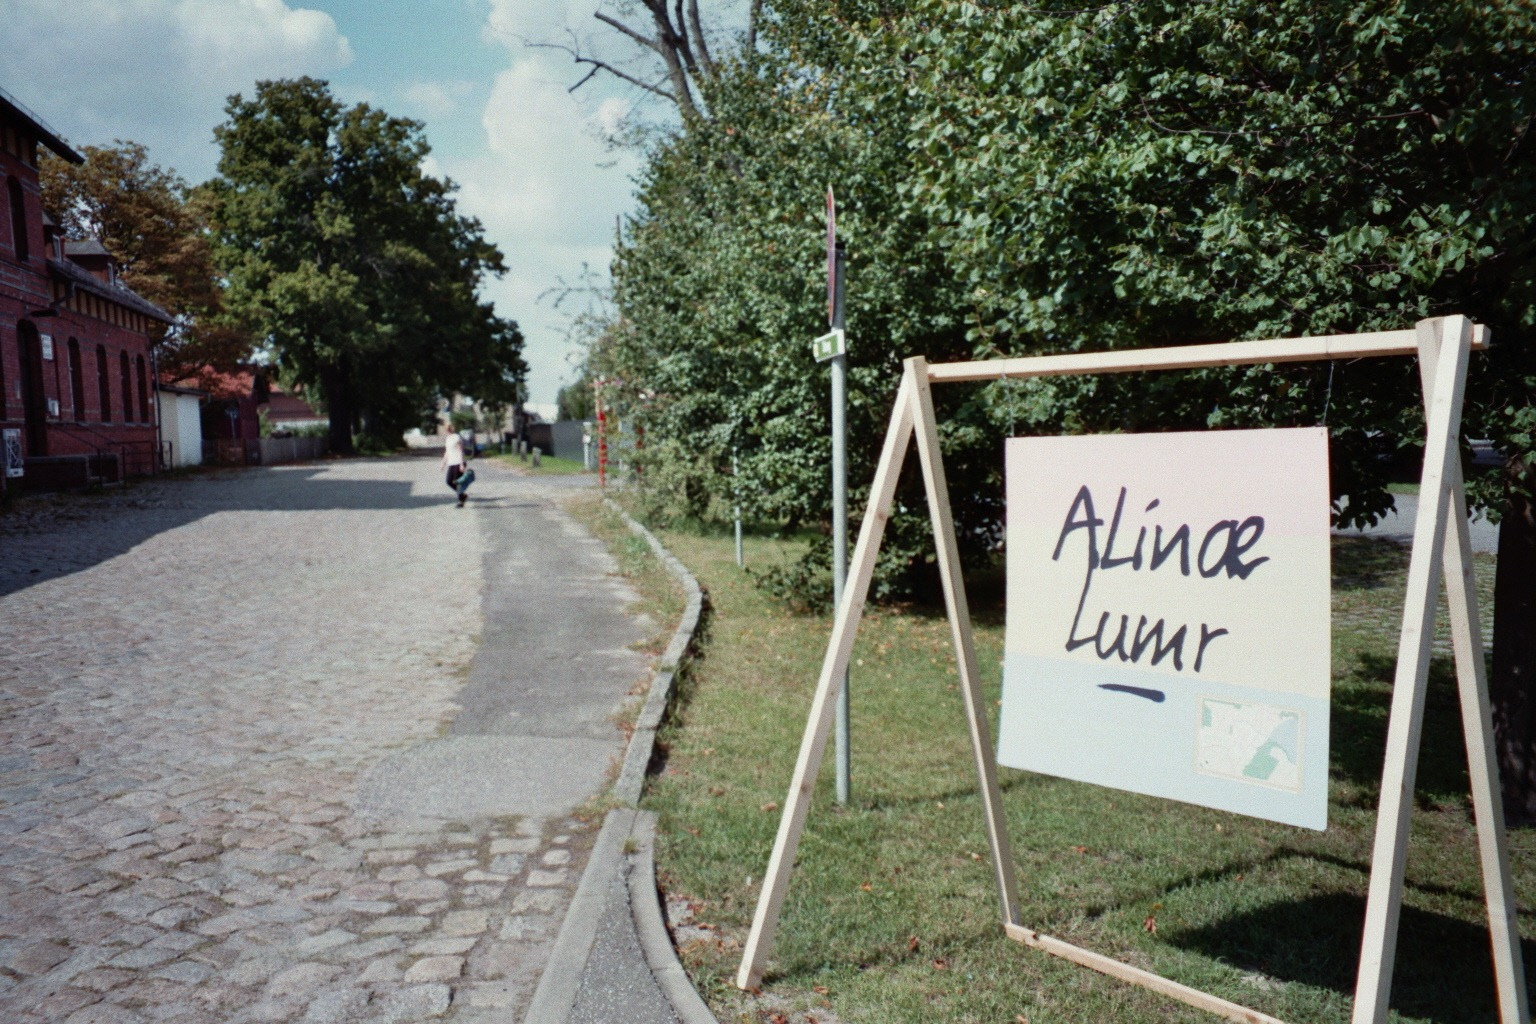 Alinae Lumr 2018